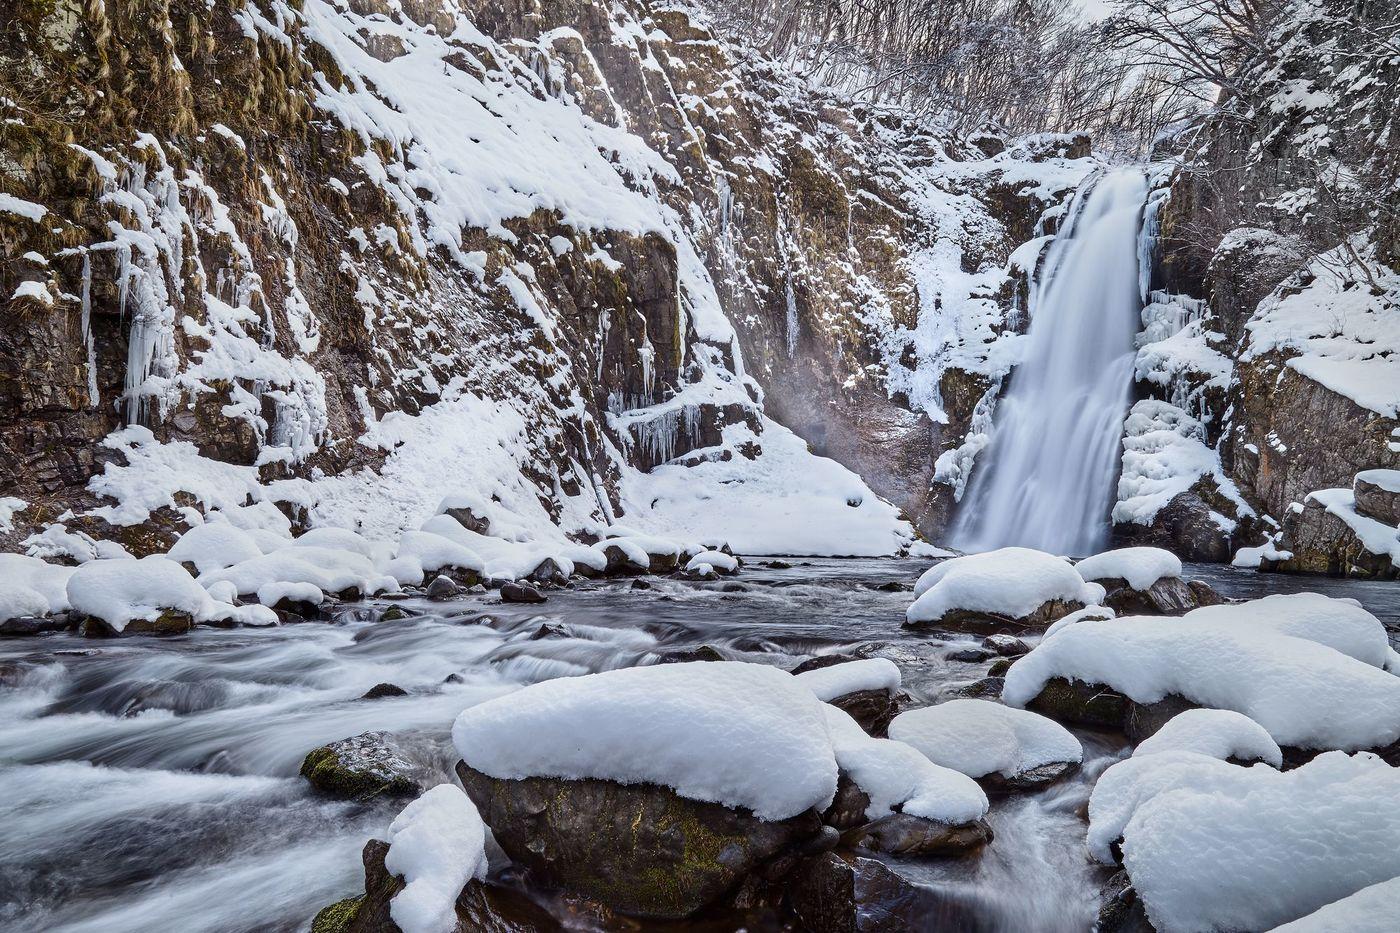 เที่ยวไรไรเคียว (Rairaikyo Gorge) ใน โทโฮคุ ฤดูหนาว ด้วย JR East Pass